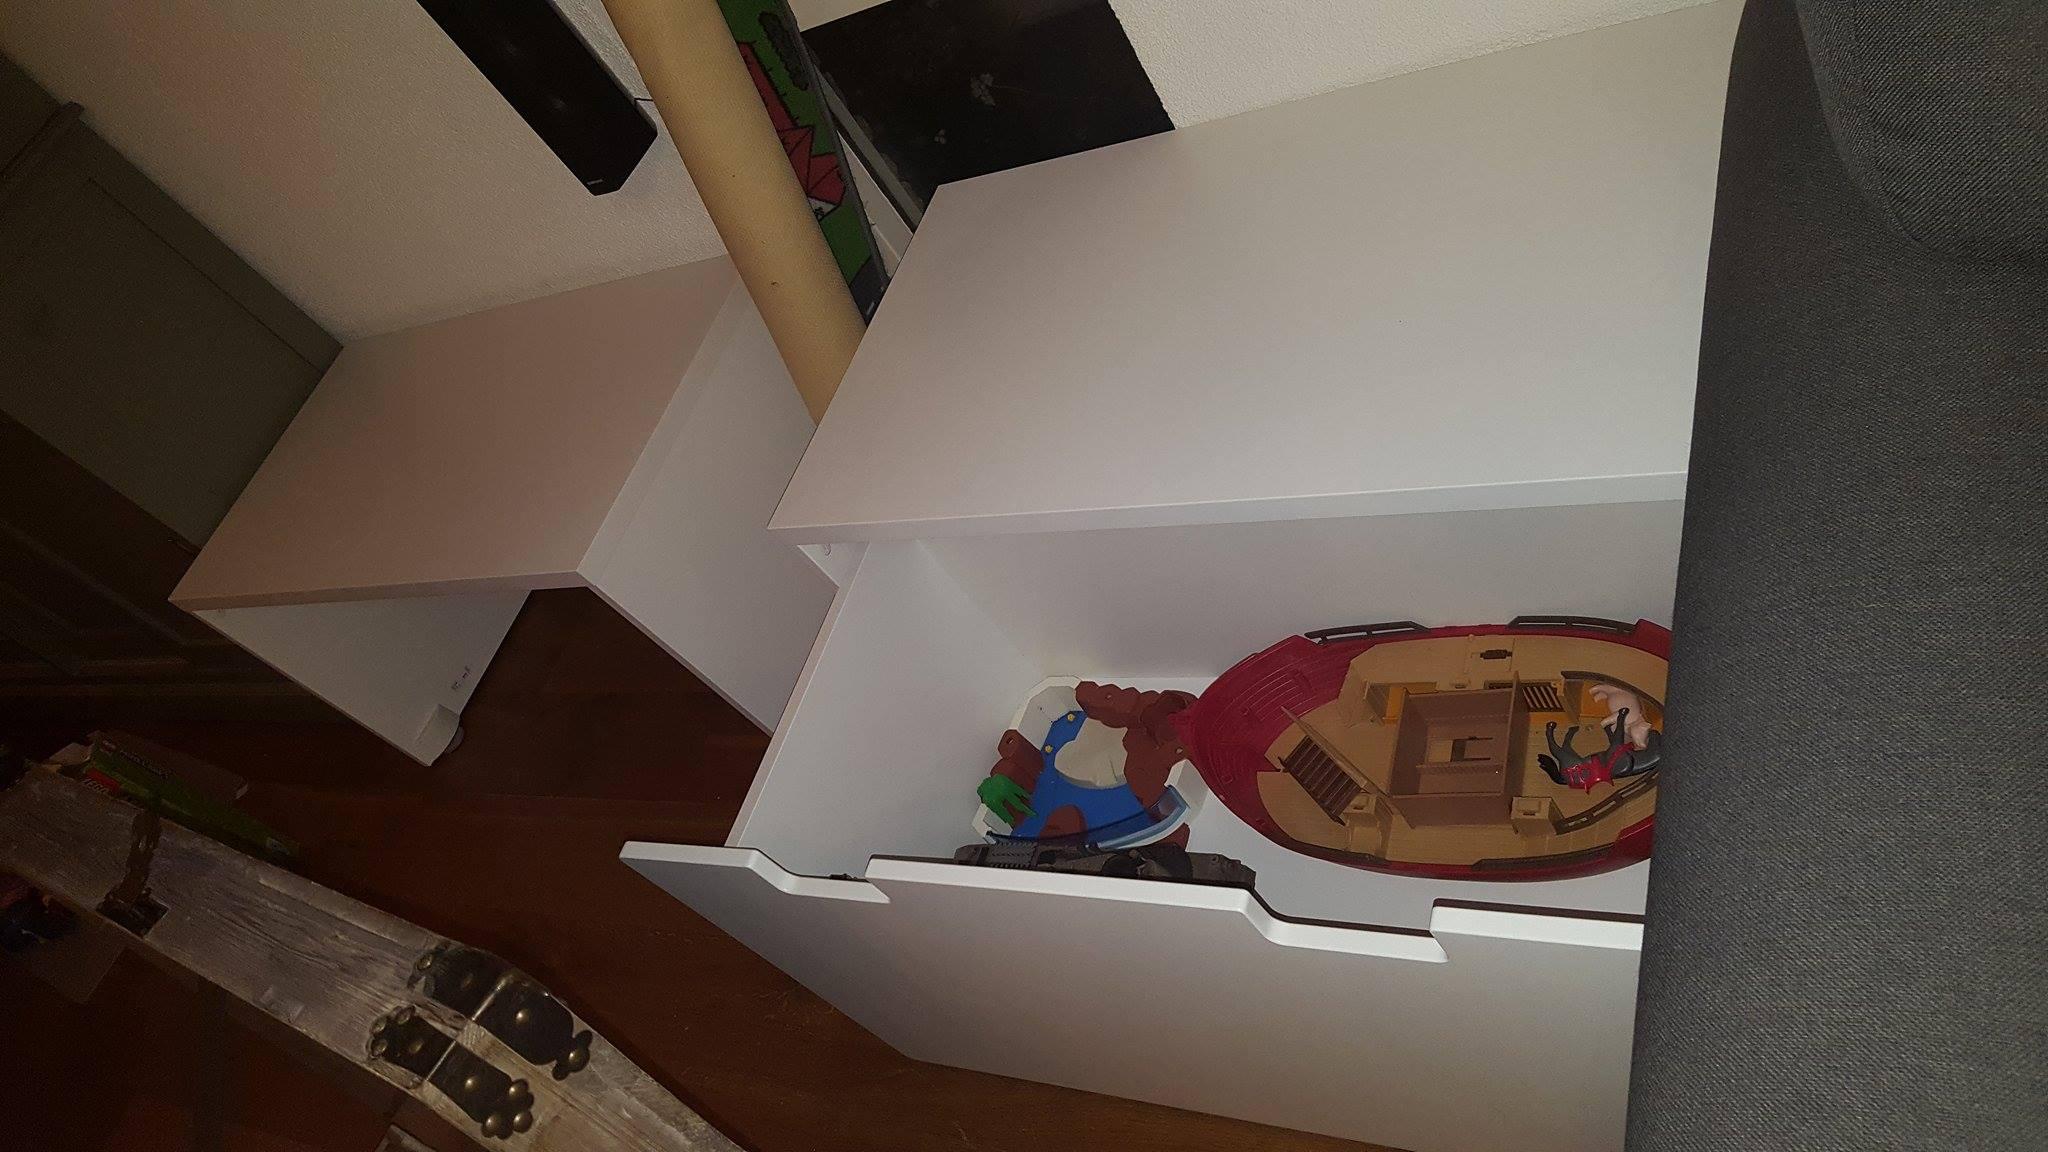 Ikea kast monteren schroefje over moeilijk gebruiksaanwijzing